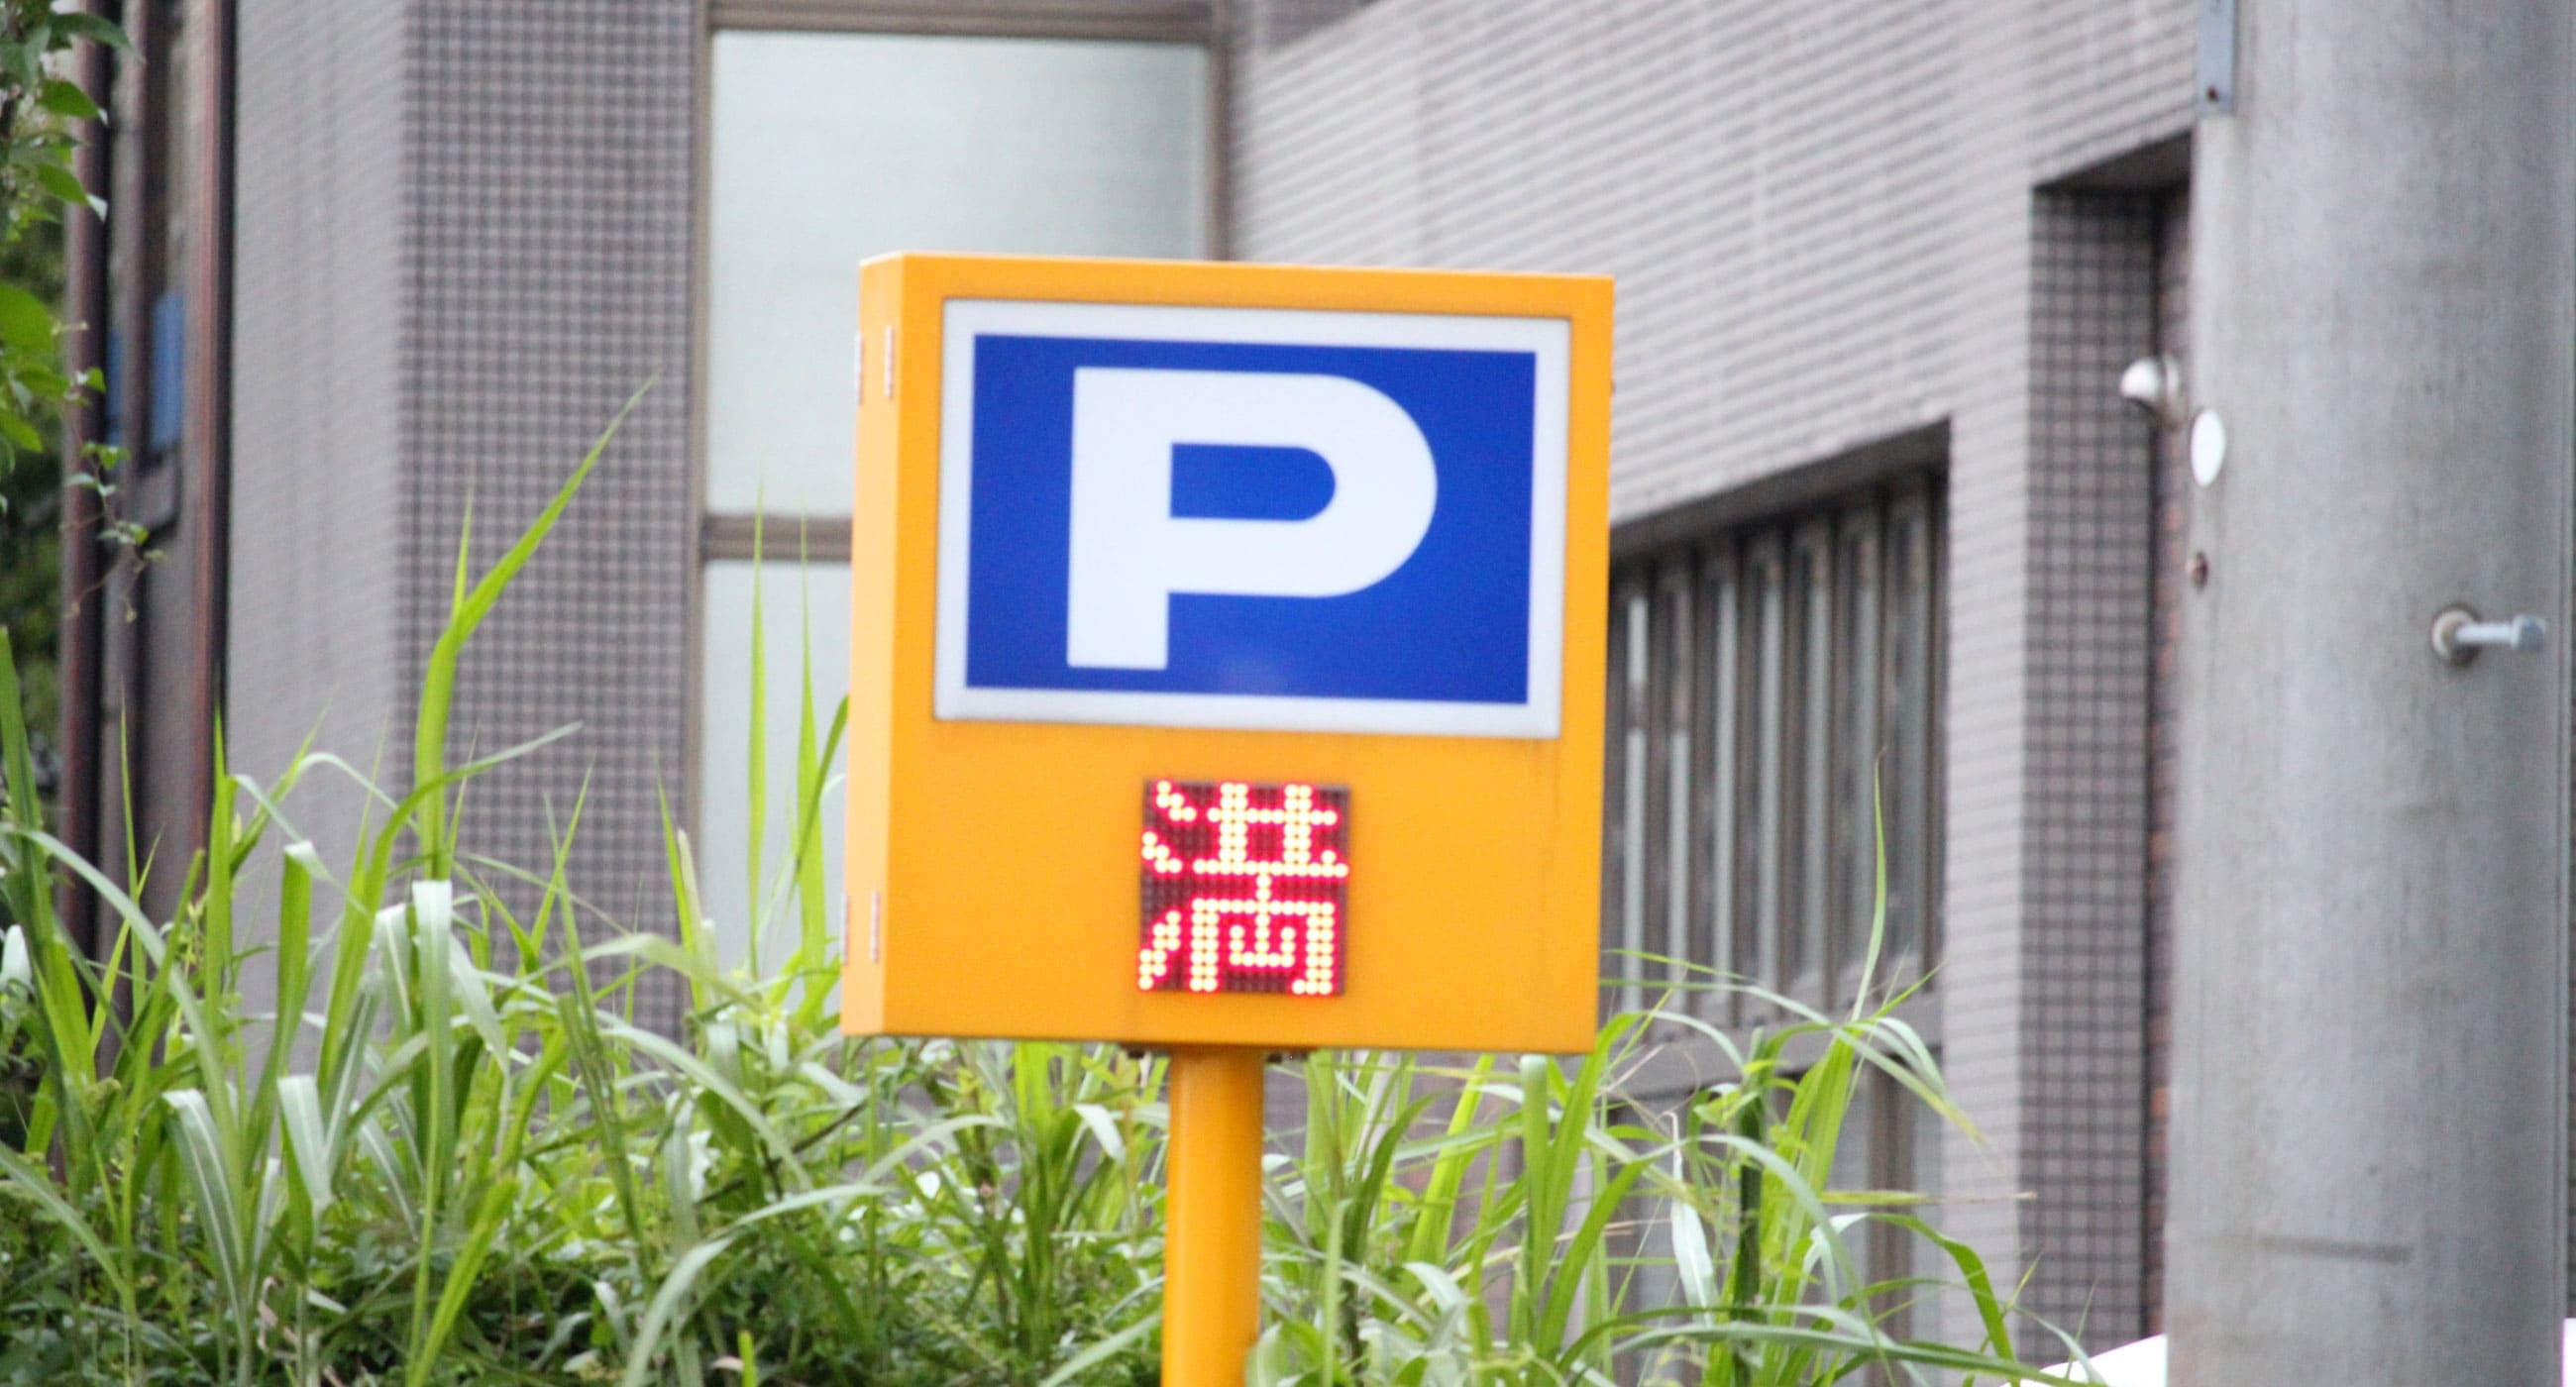 まだ空き駐車場を探してウロウロ廻りますか? - コインパーキングなどの空満車情報を探す手段があるのです!